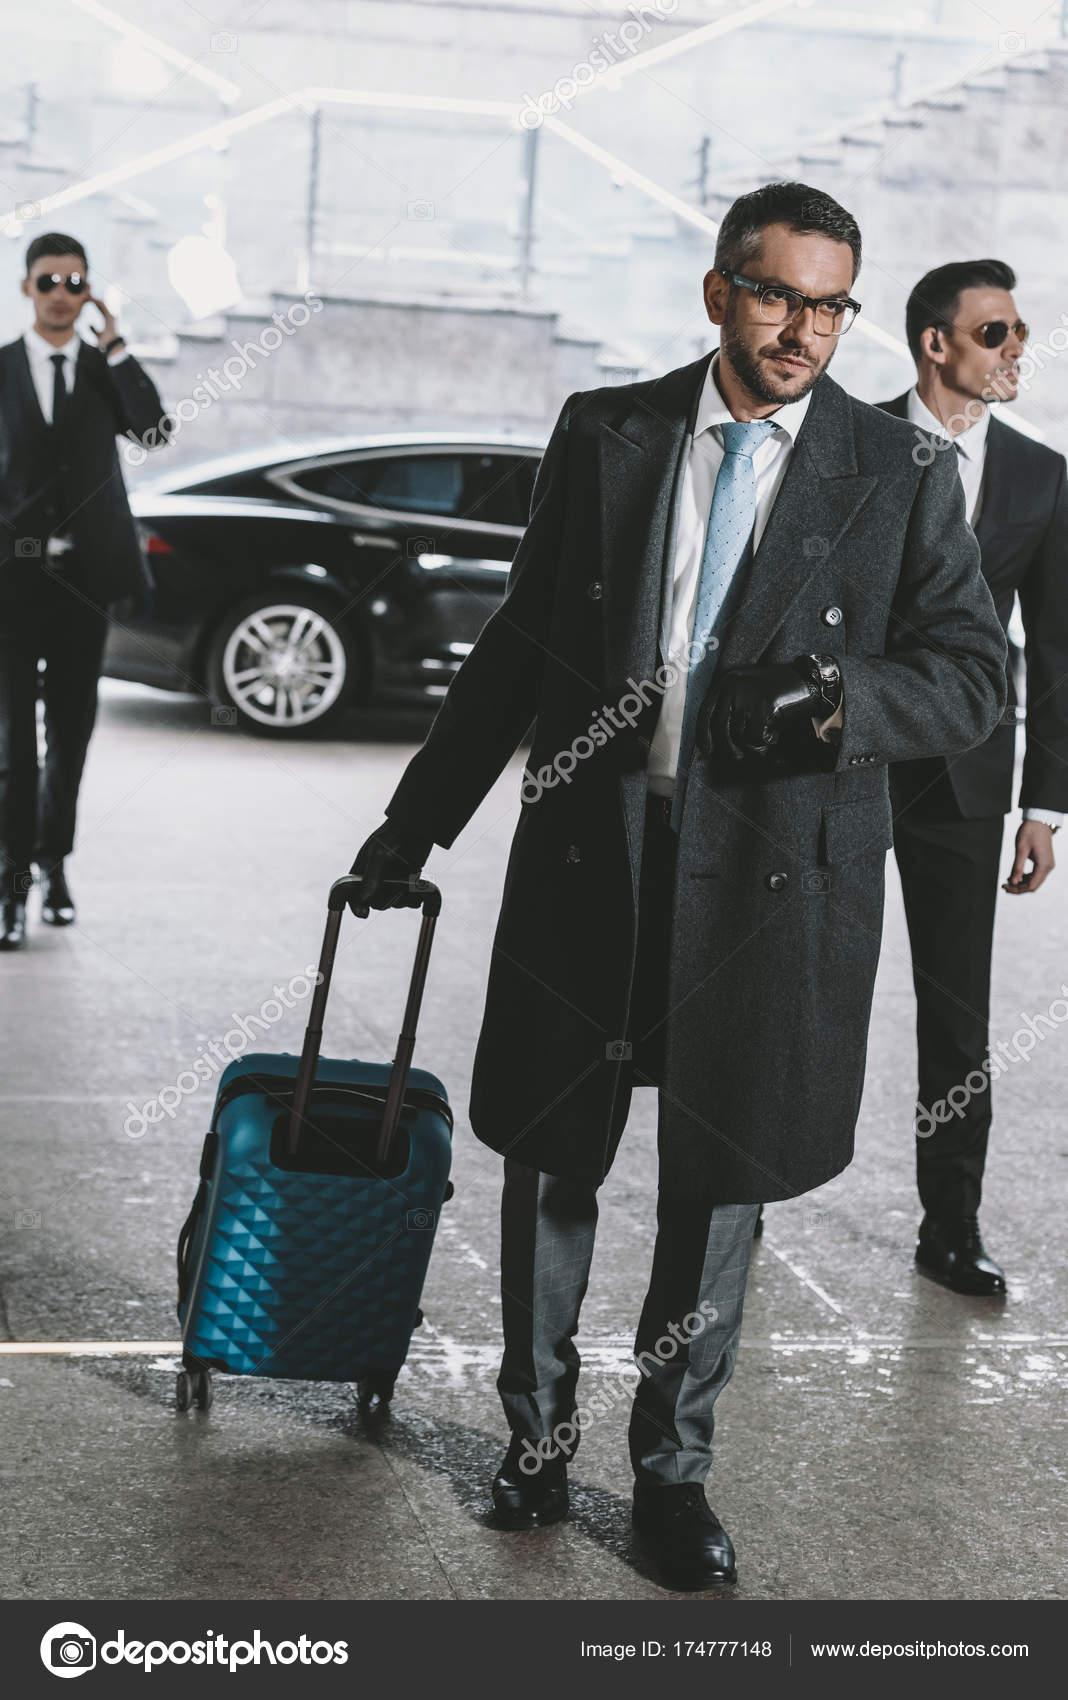 Marche Voiture Homme Regardant Avec Sac Bel Affaires Voyage Montre OPN8n0wkX